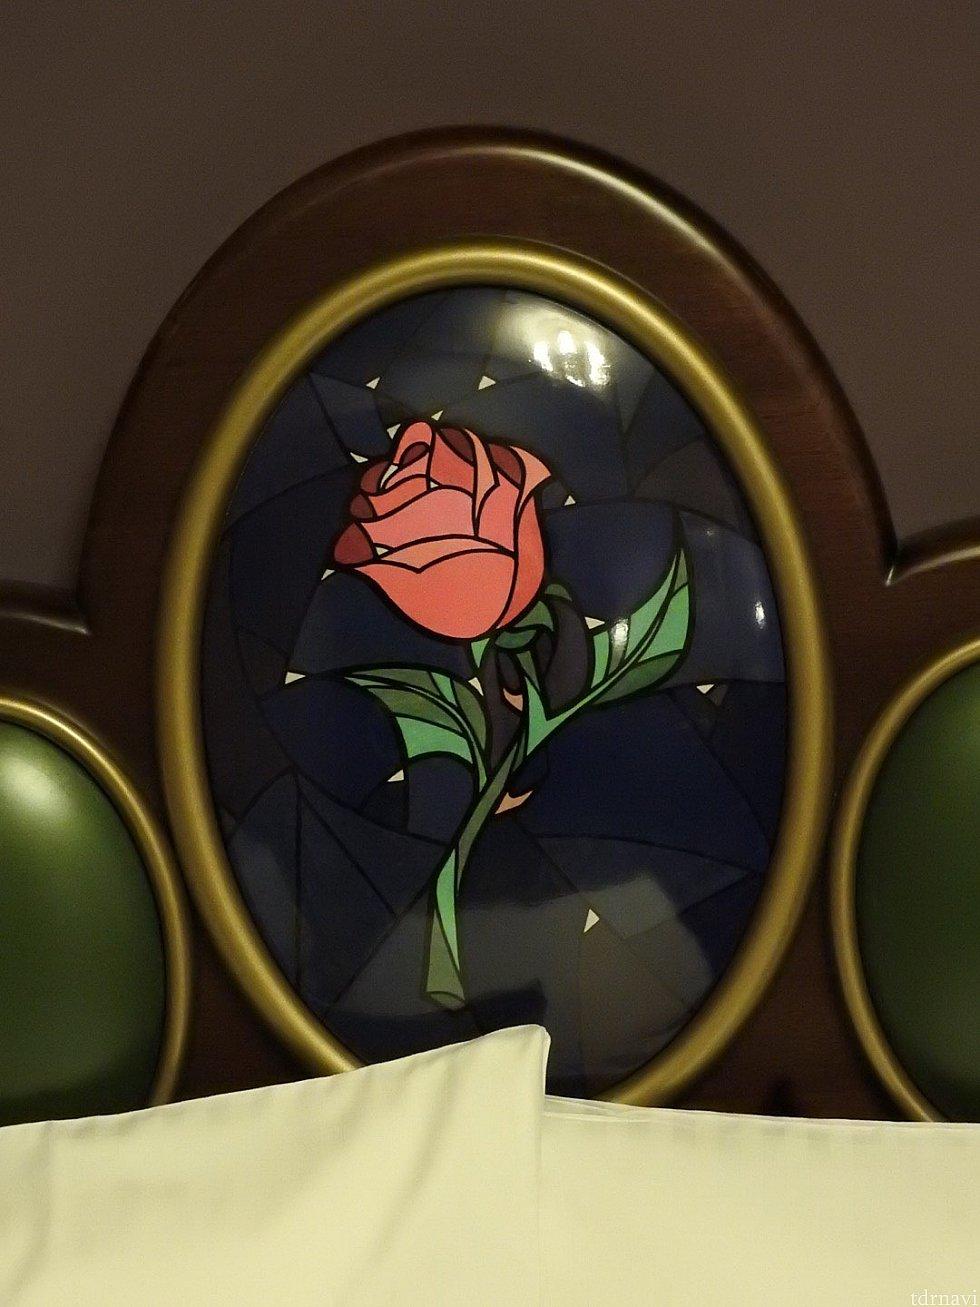 ベットの頭の部分にはベルの象徴である赤い薔薇があります